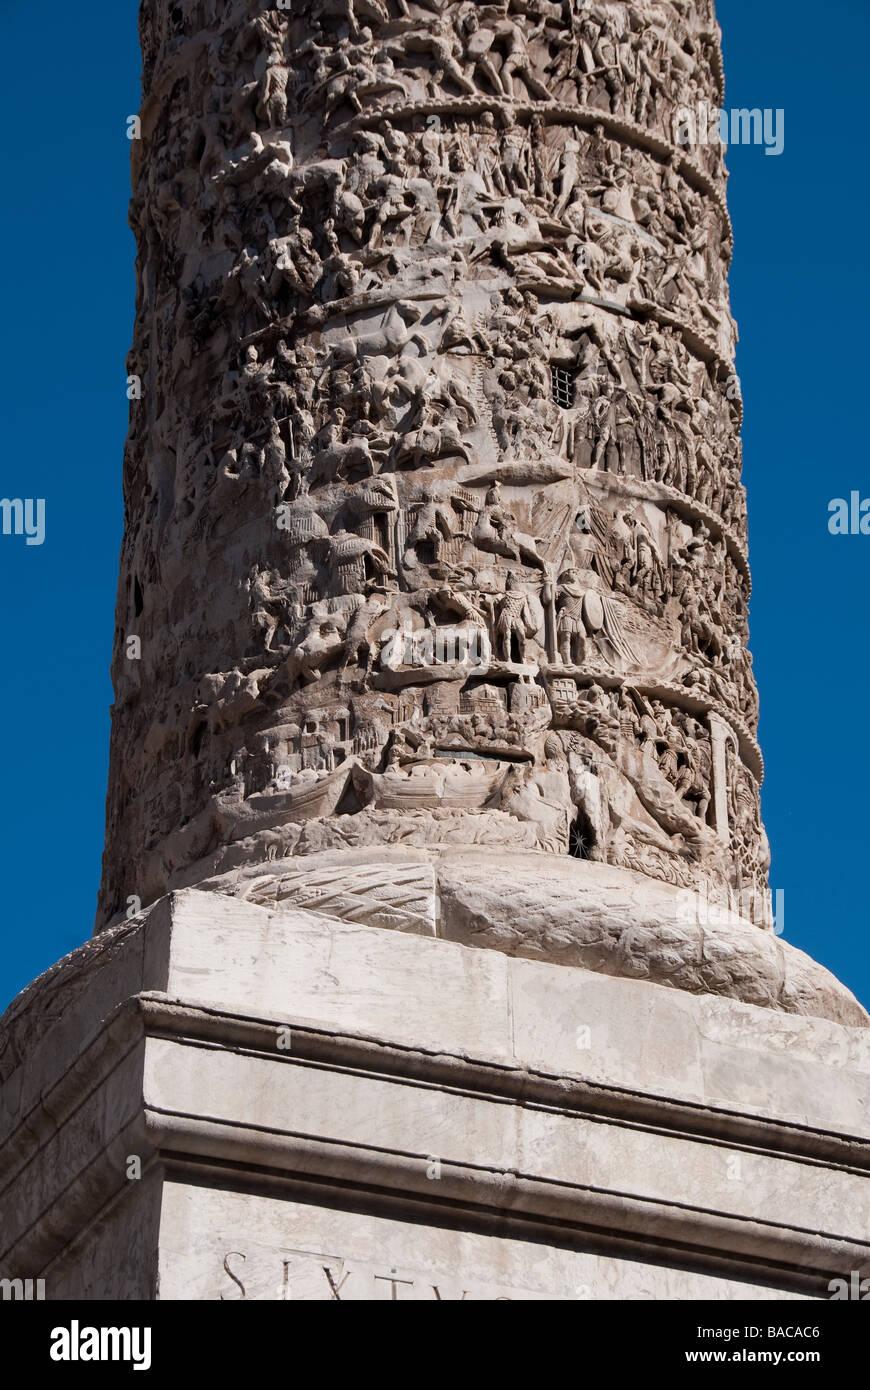 La columna de mármol de Marcus Aurelius, que ha permanecido en la Piazza Colonna Roma desde 193 CE Foto de stock